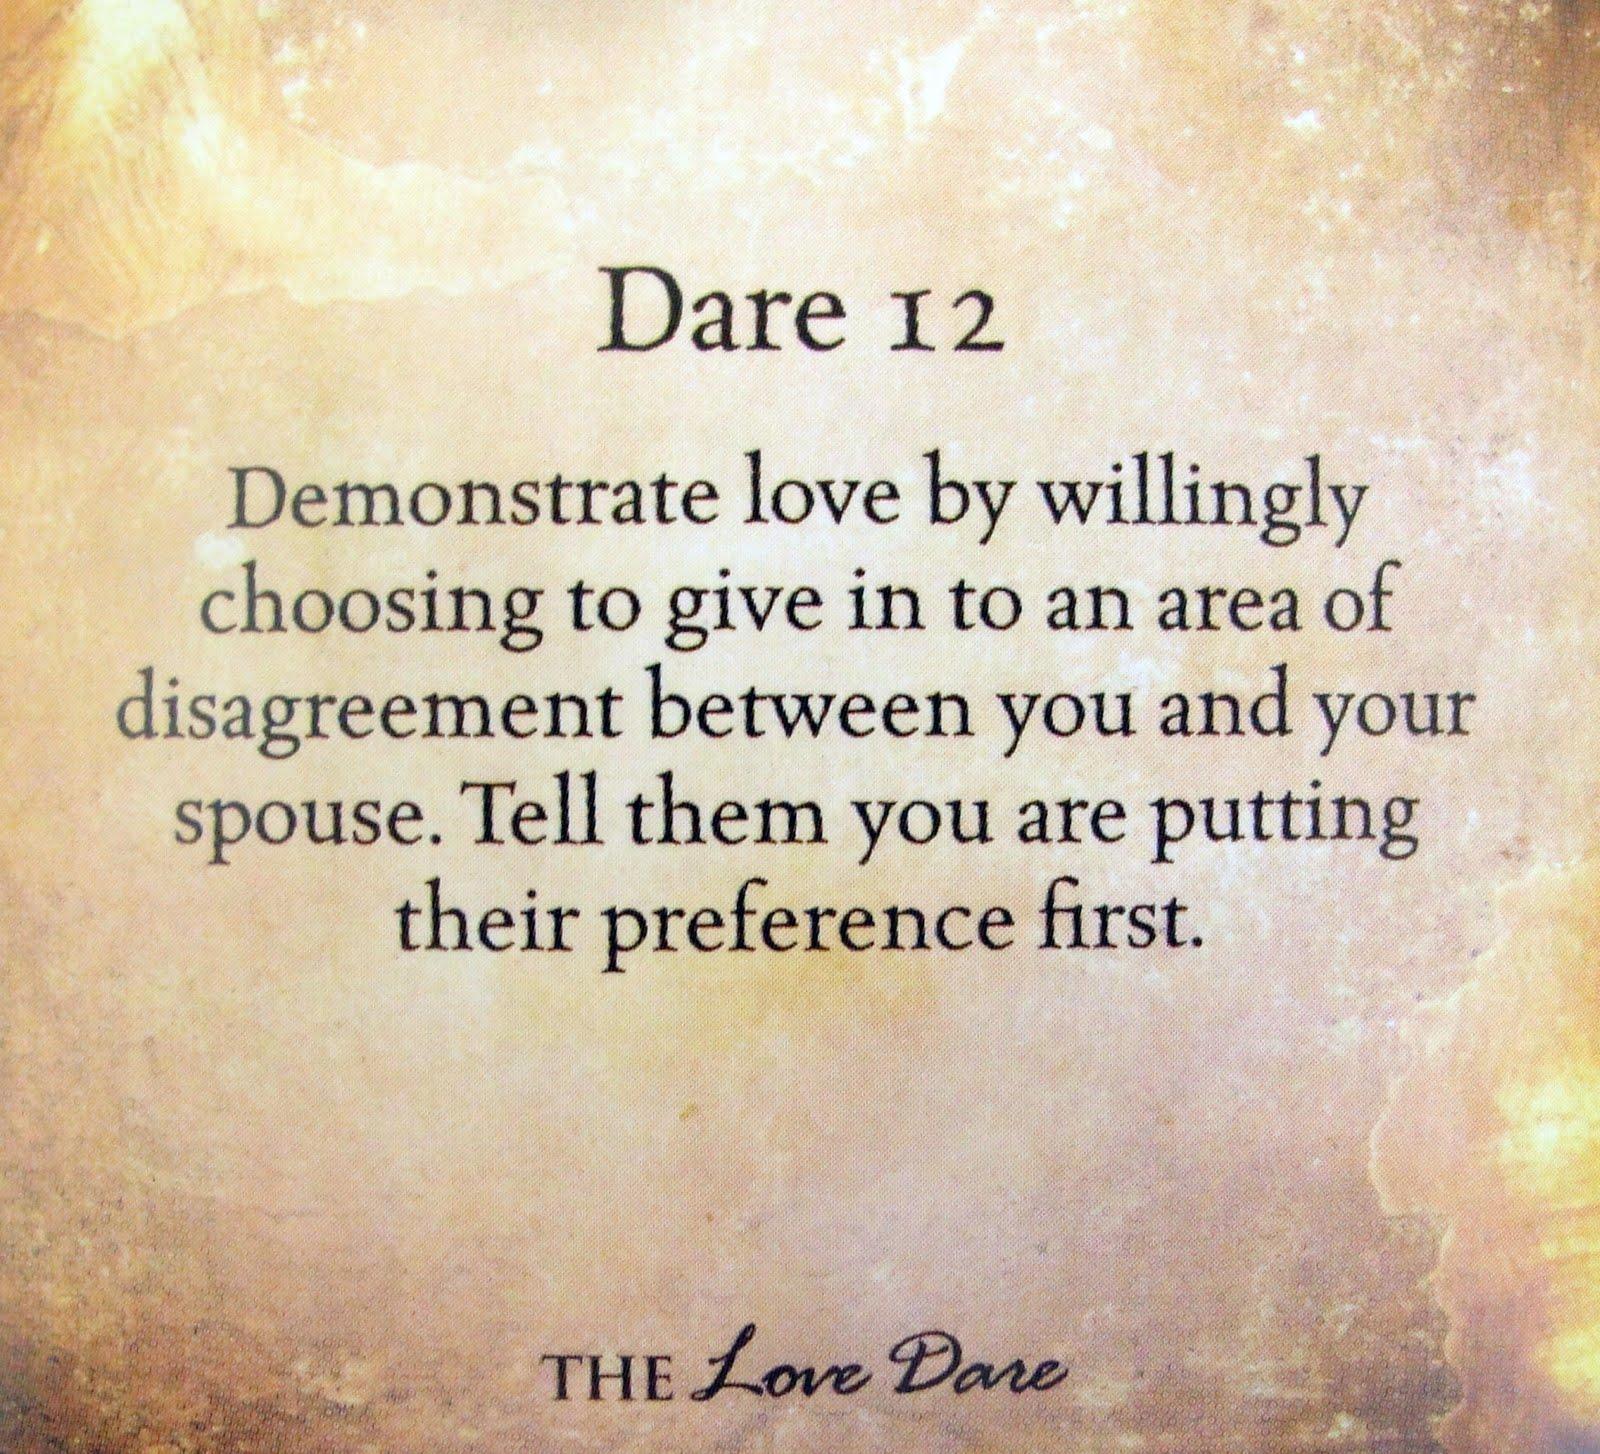 [dare12]